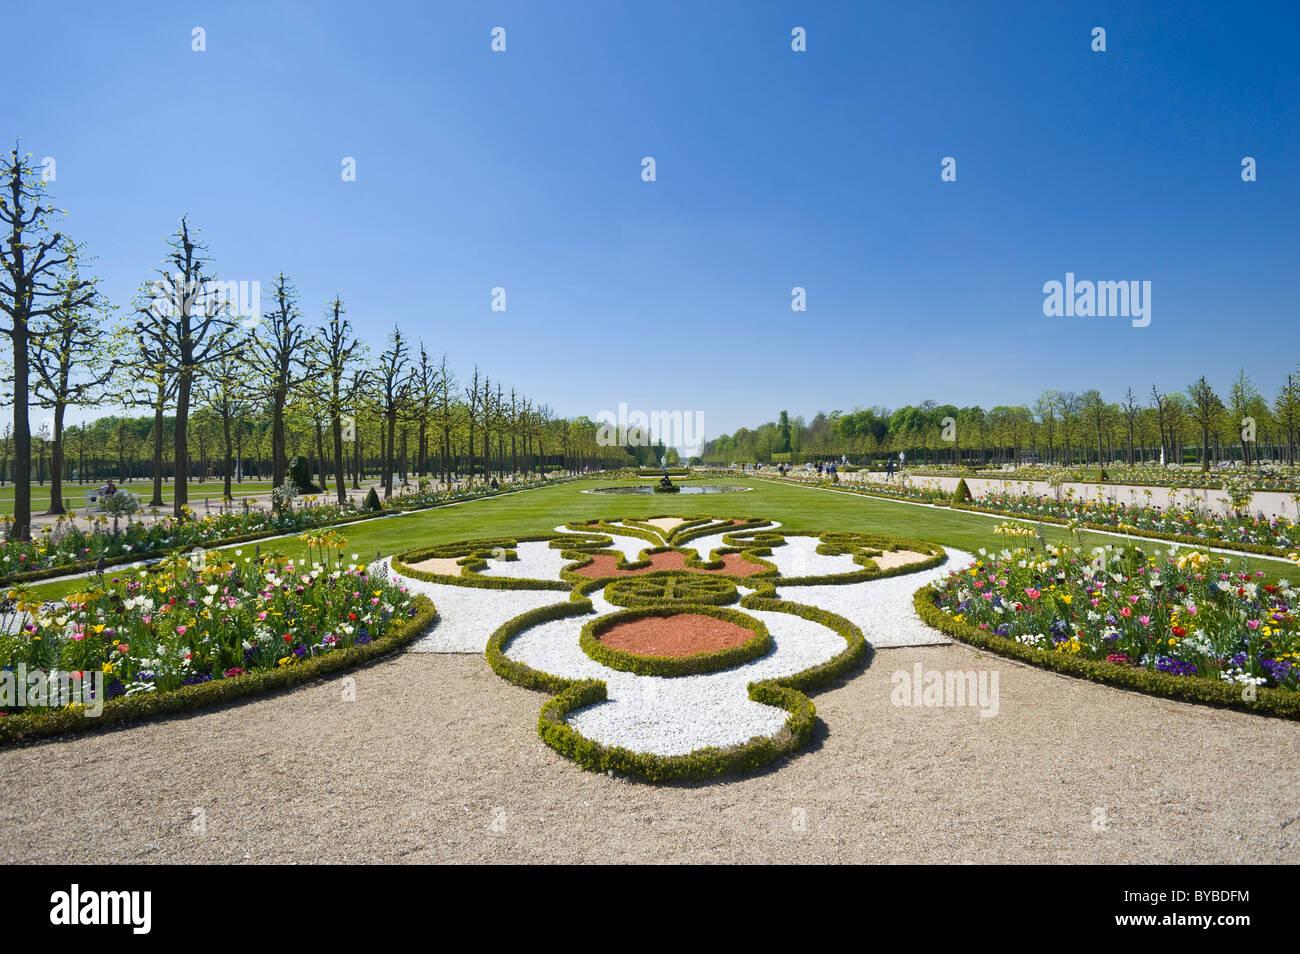 Schloss Schwetzingen Palace, Palace Gardens, Schwetzingen, Electoral Palatinate, Baden-Wuerttemberg, Germany, Europe - Stock Image